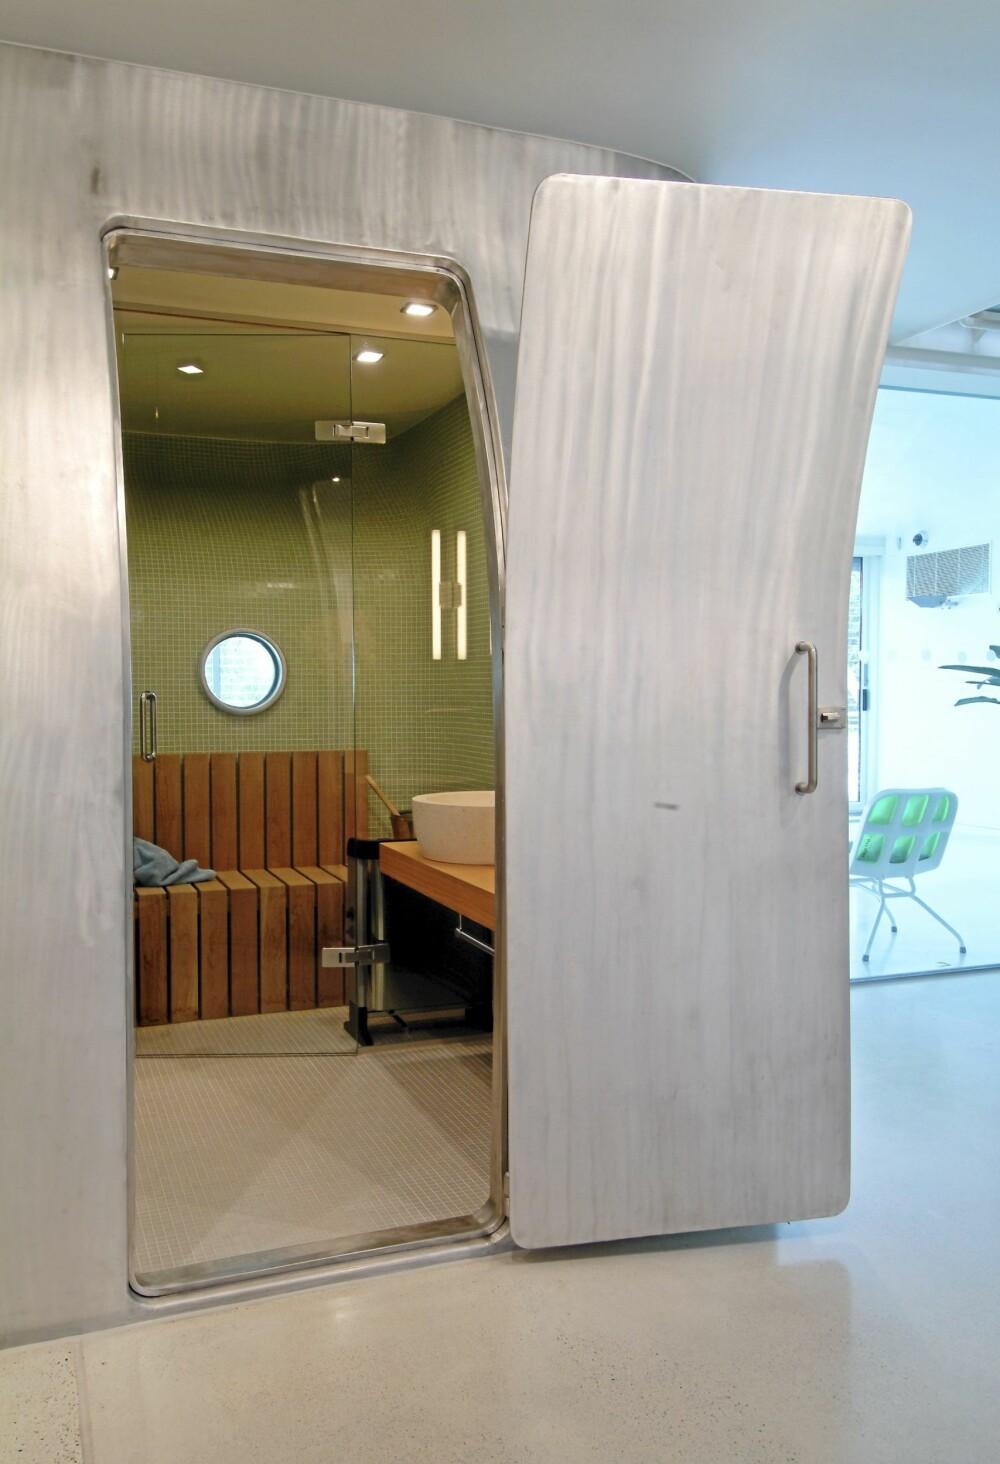 DESIGNBADSTUE. Åpner du den krumme metalldøren ser du rett inn til den hotte badstuen.